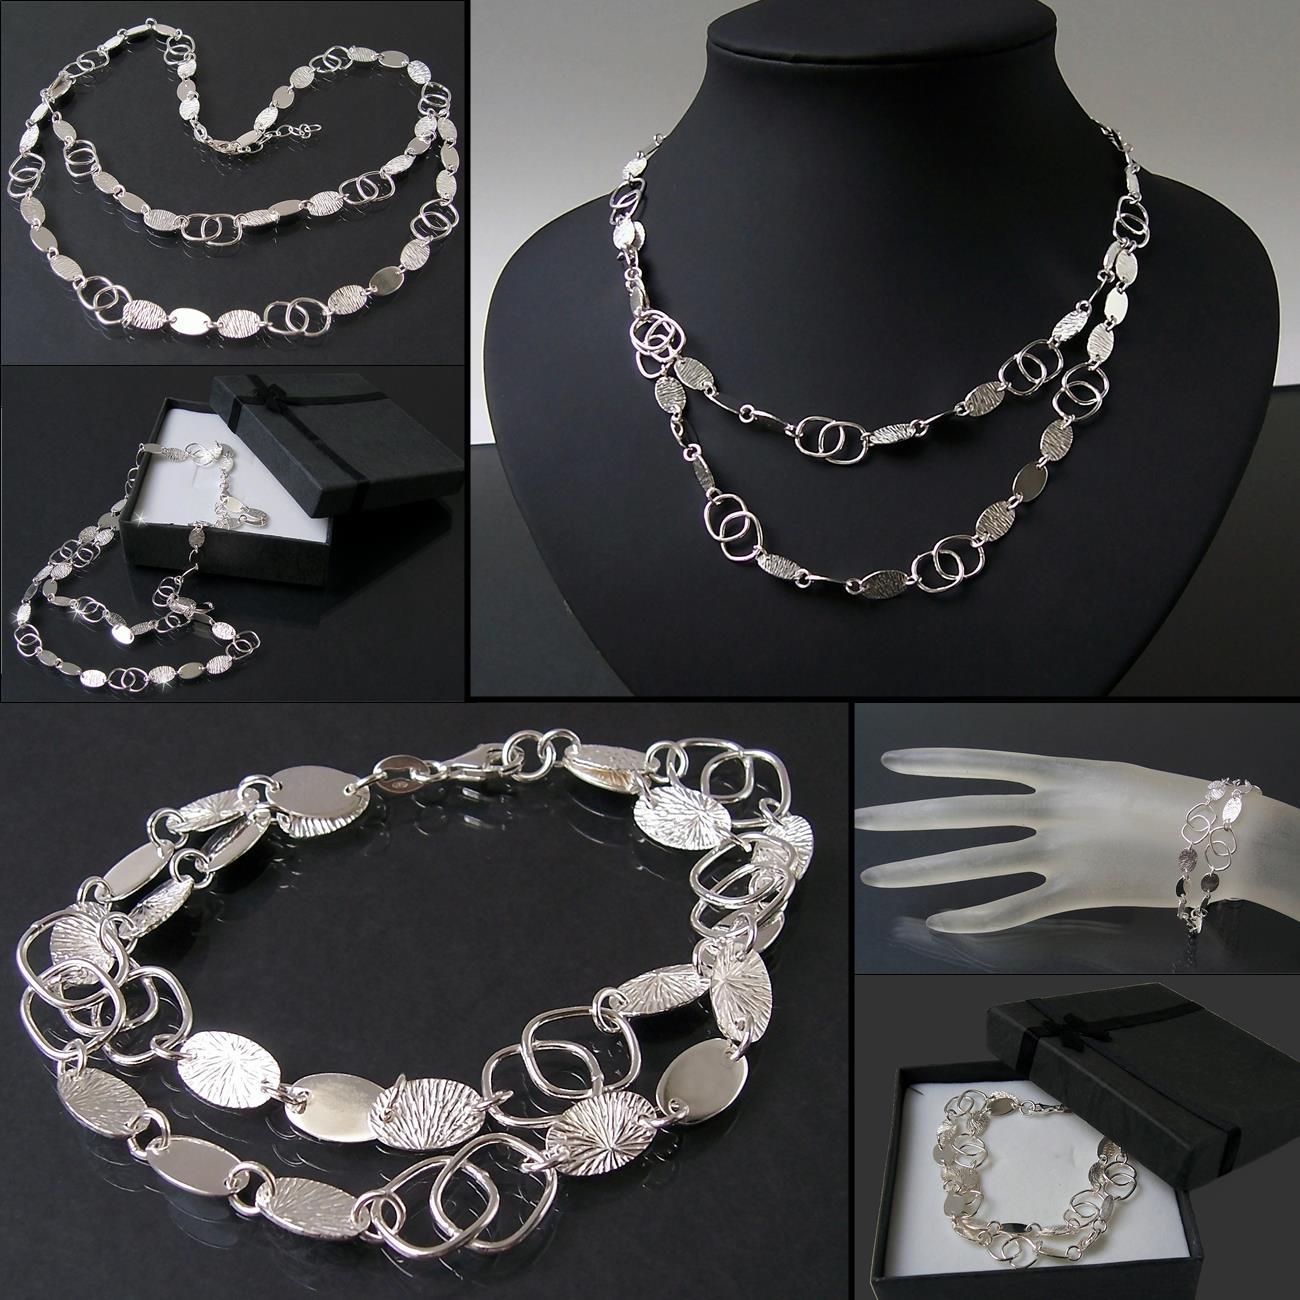 Collier Kette 925 Silber Armband Sterlingsilber Armkette Halskette ... 6e153ecd80